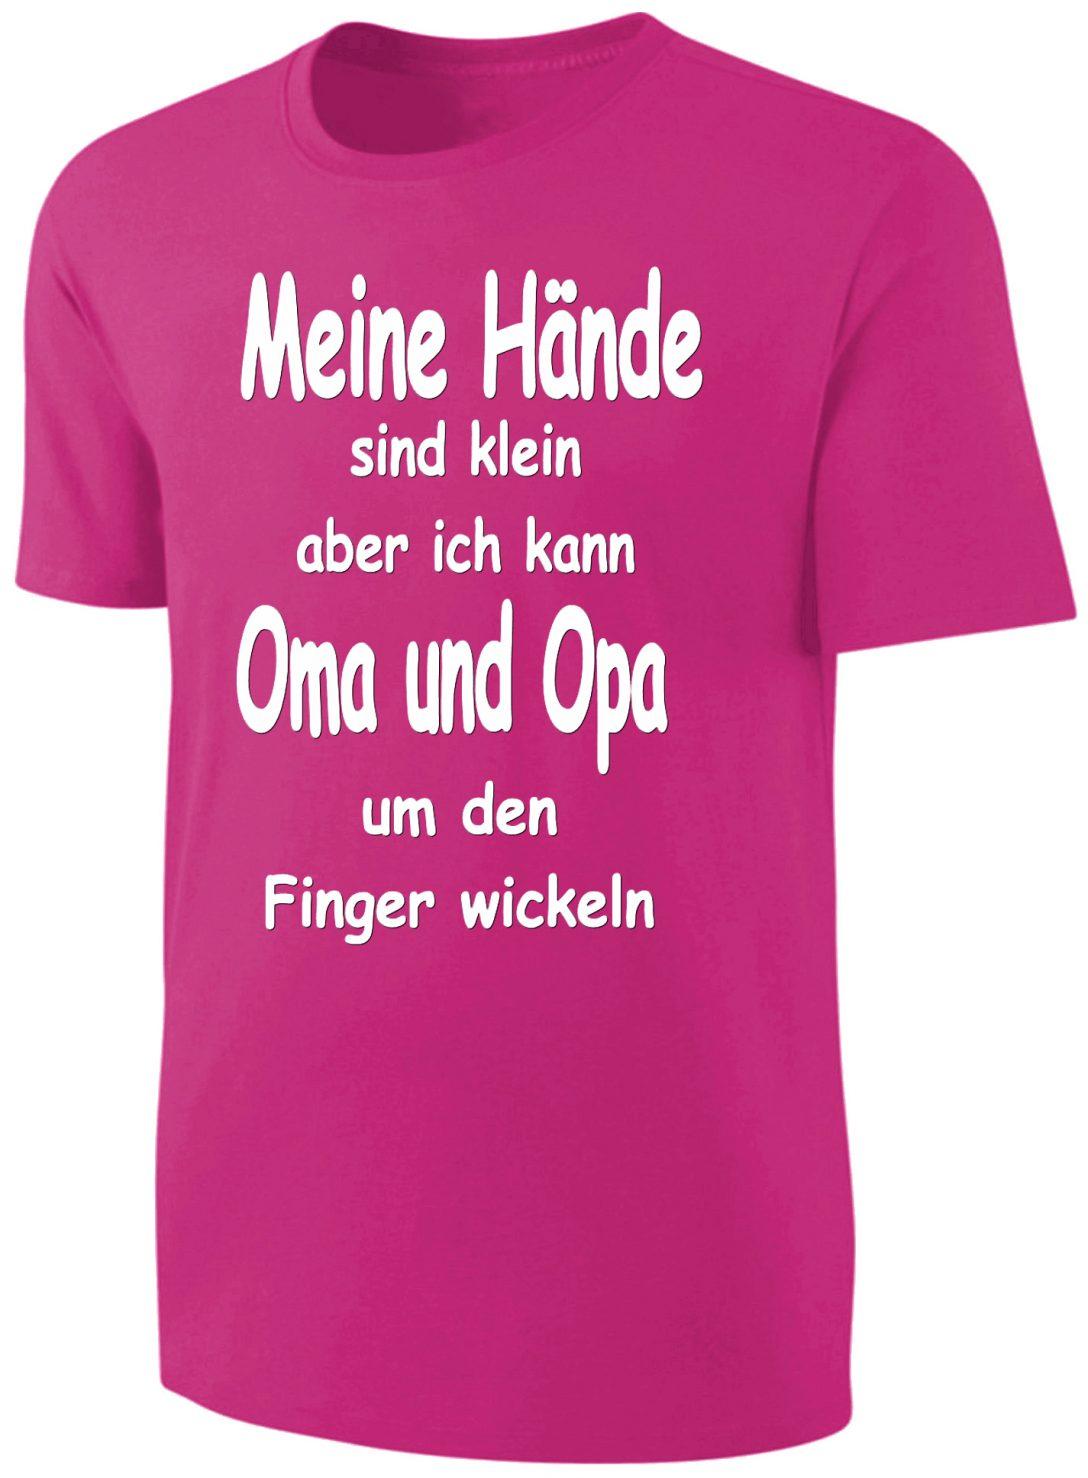 Large Size of Landwirtschaft Sprüche T Shirt Vegane Sprüche T Shirt Bayerische Sprüche T Shirt Damen Sprüche T Shirt Jga Küche Sprüche T Shirt